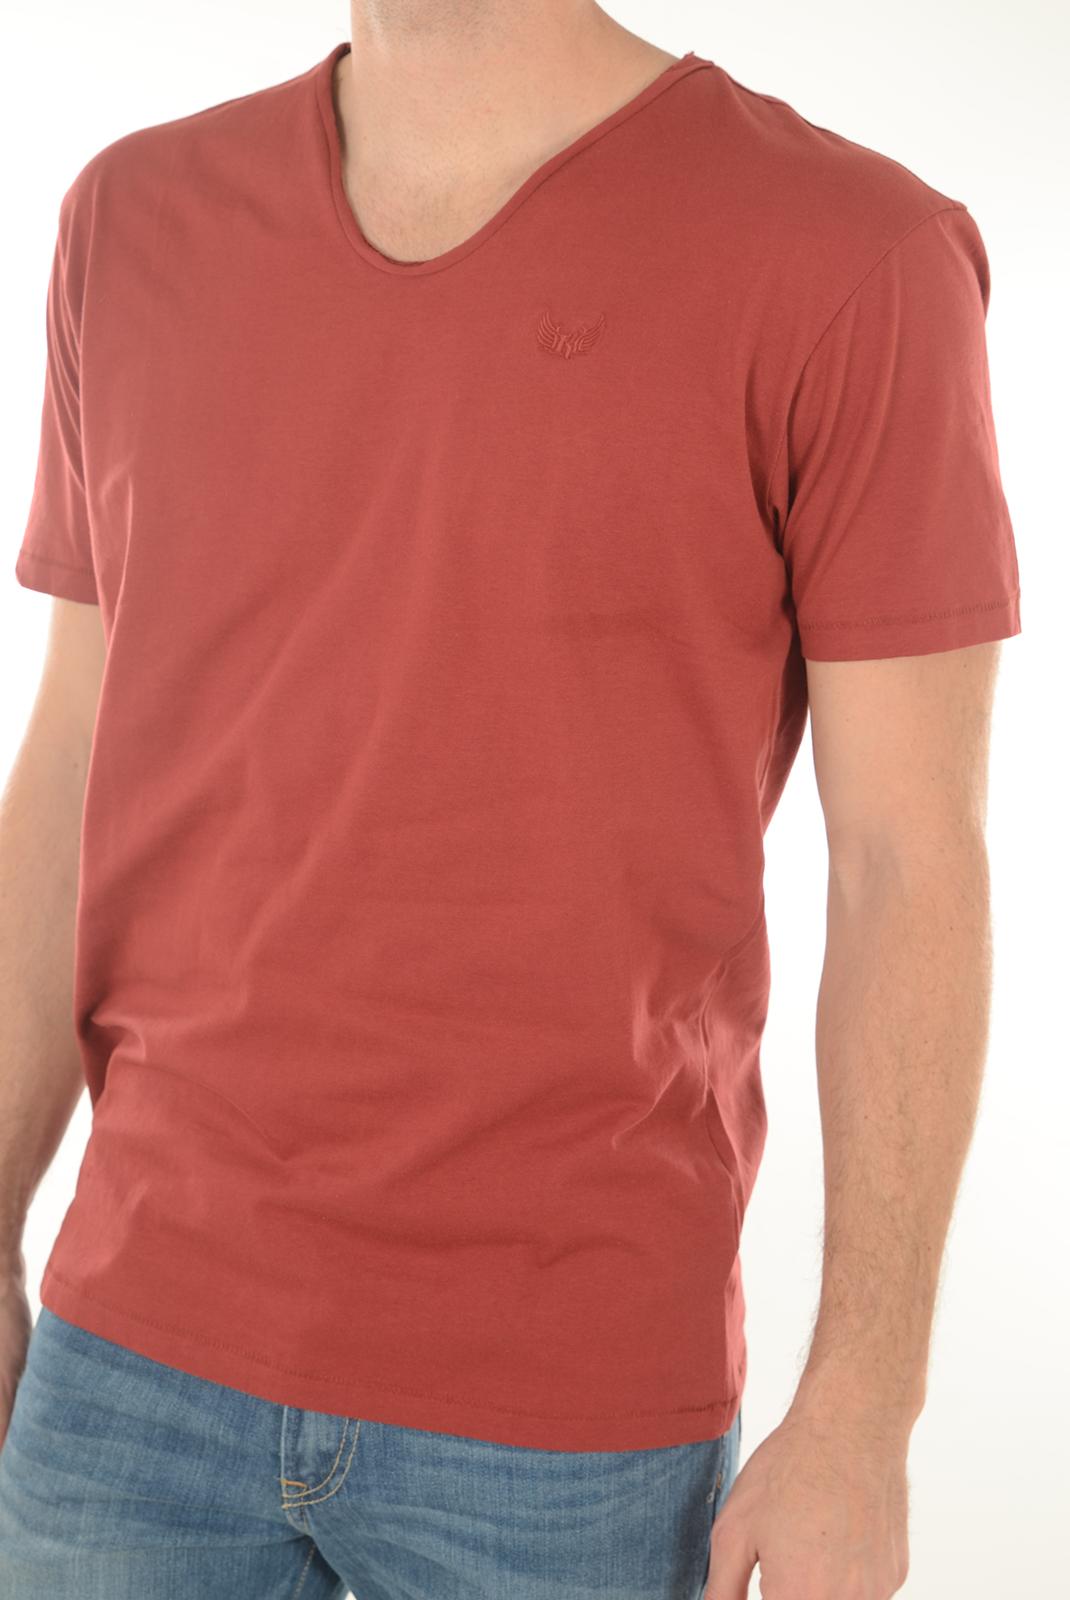 Tee-shirts  Kaporal SALVA MERLOT